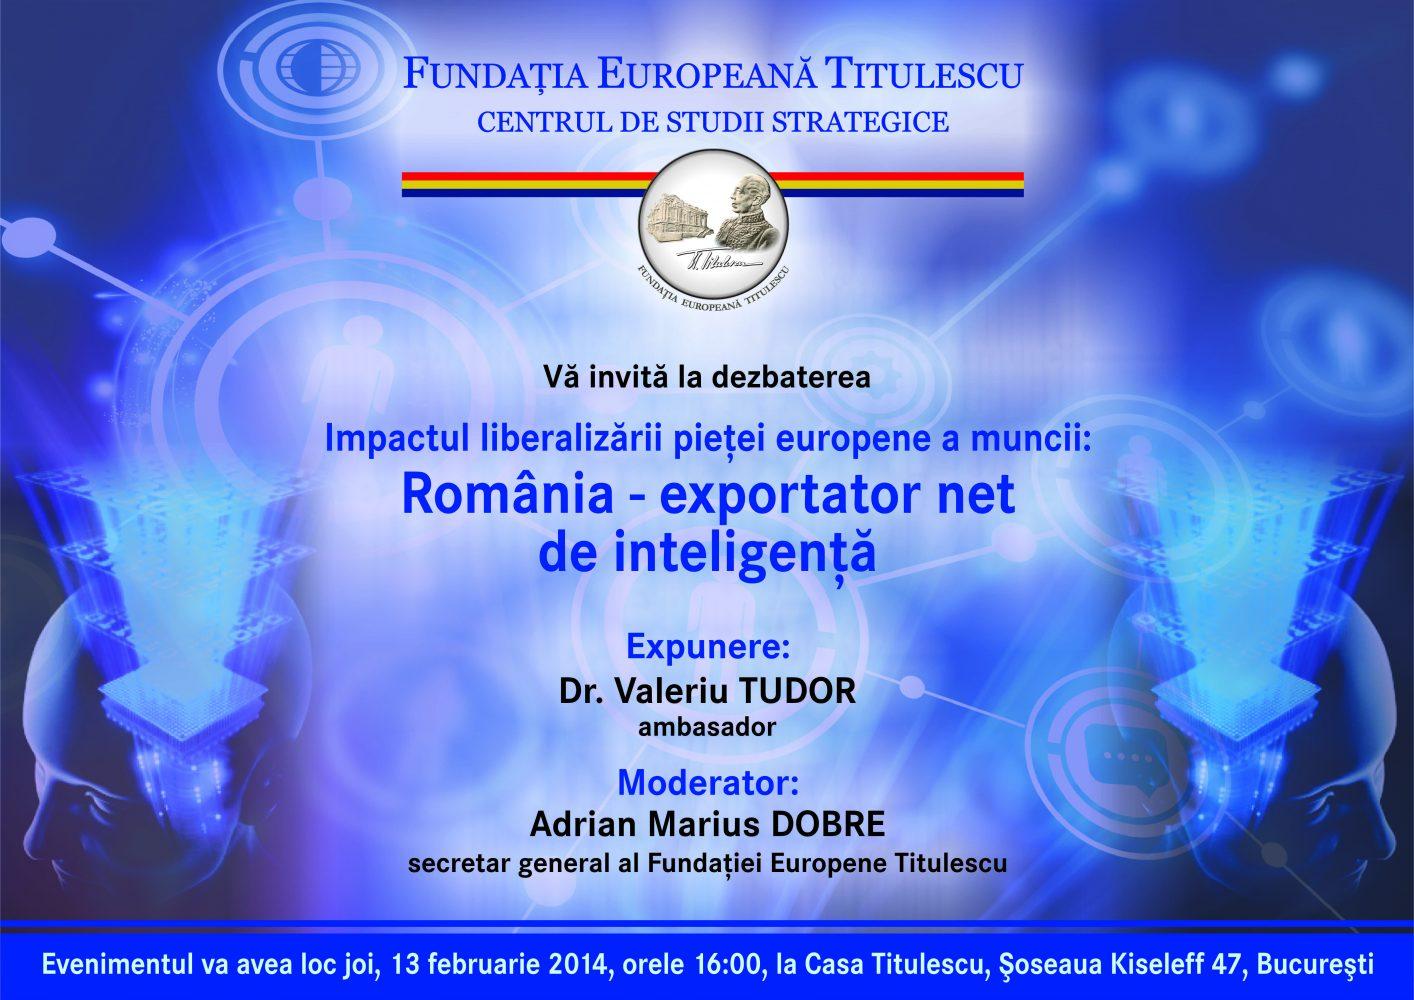 Impactul liberalizării pieţei europene a muncii: România – exportator net de inteligenţă